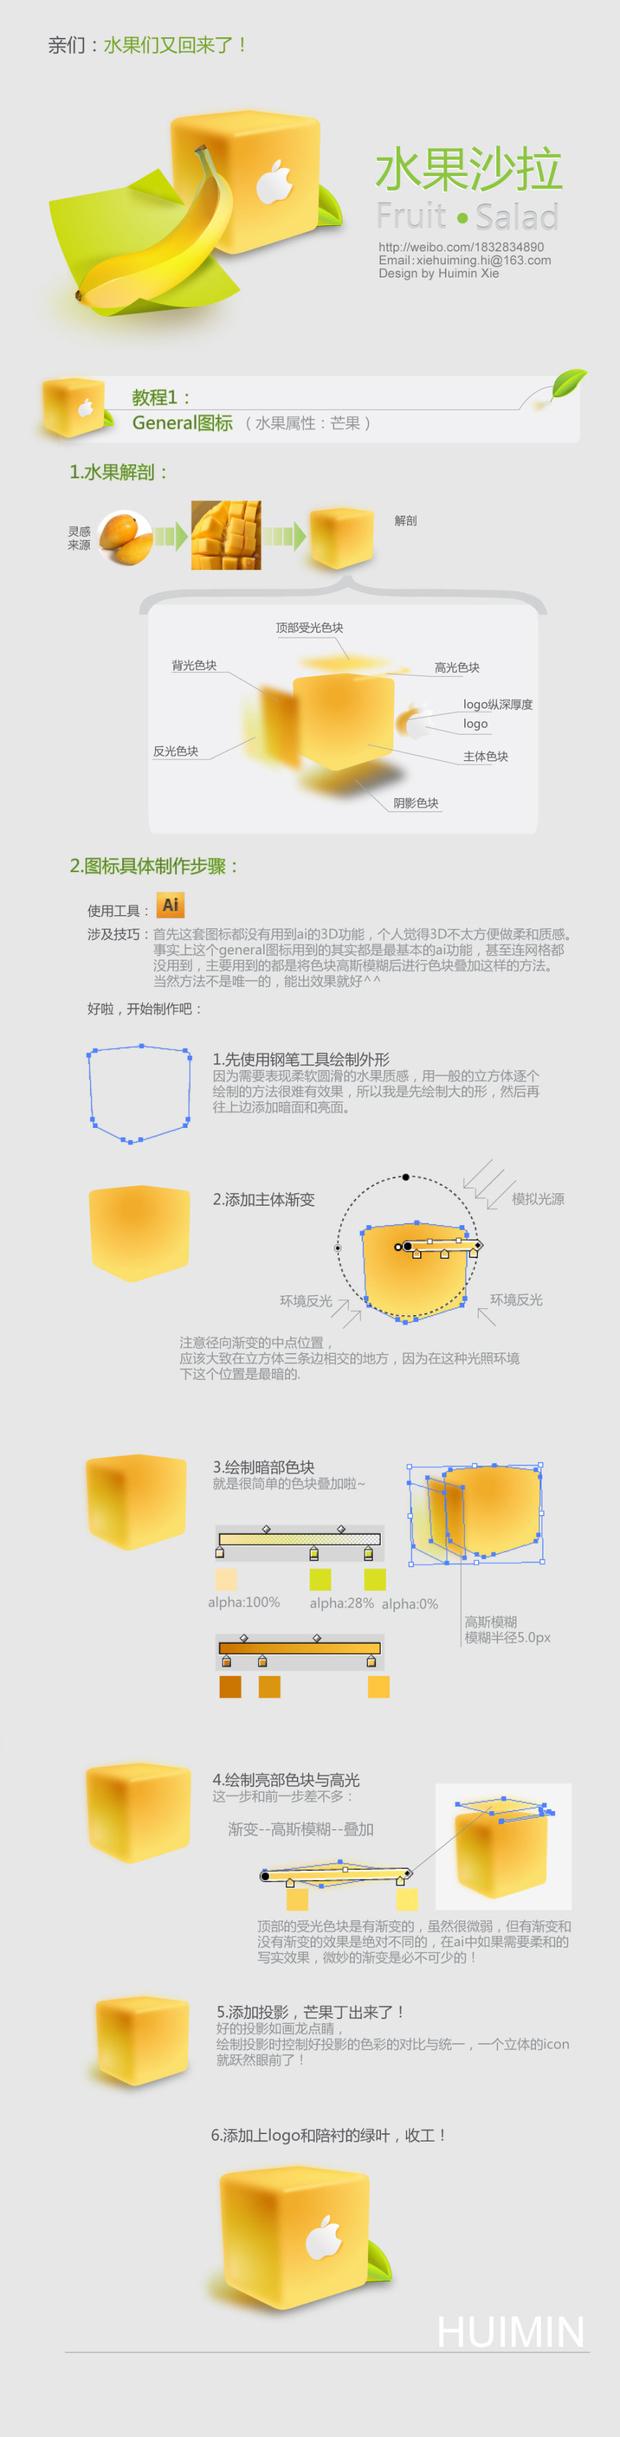 AI绘制漂亮水果沙拉图标  三联教程、